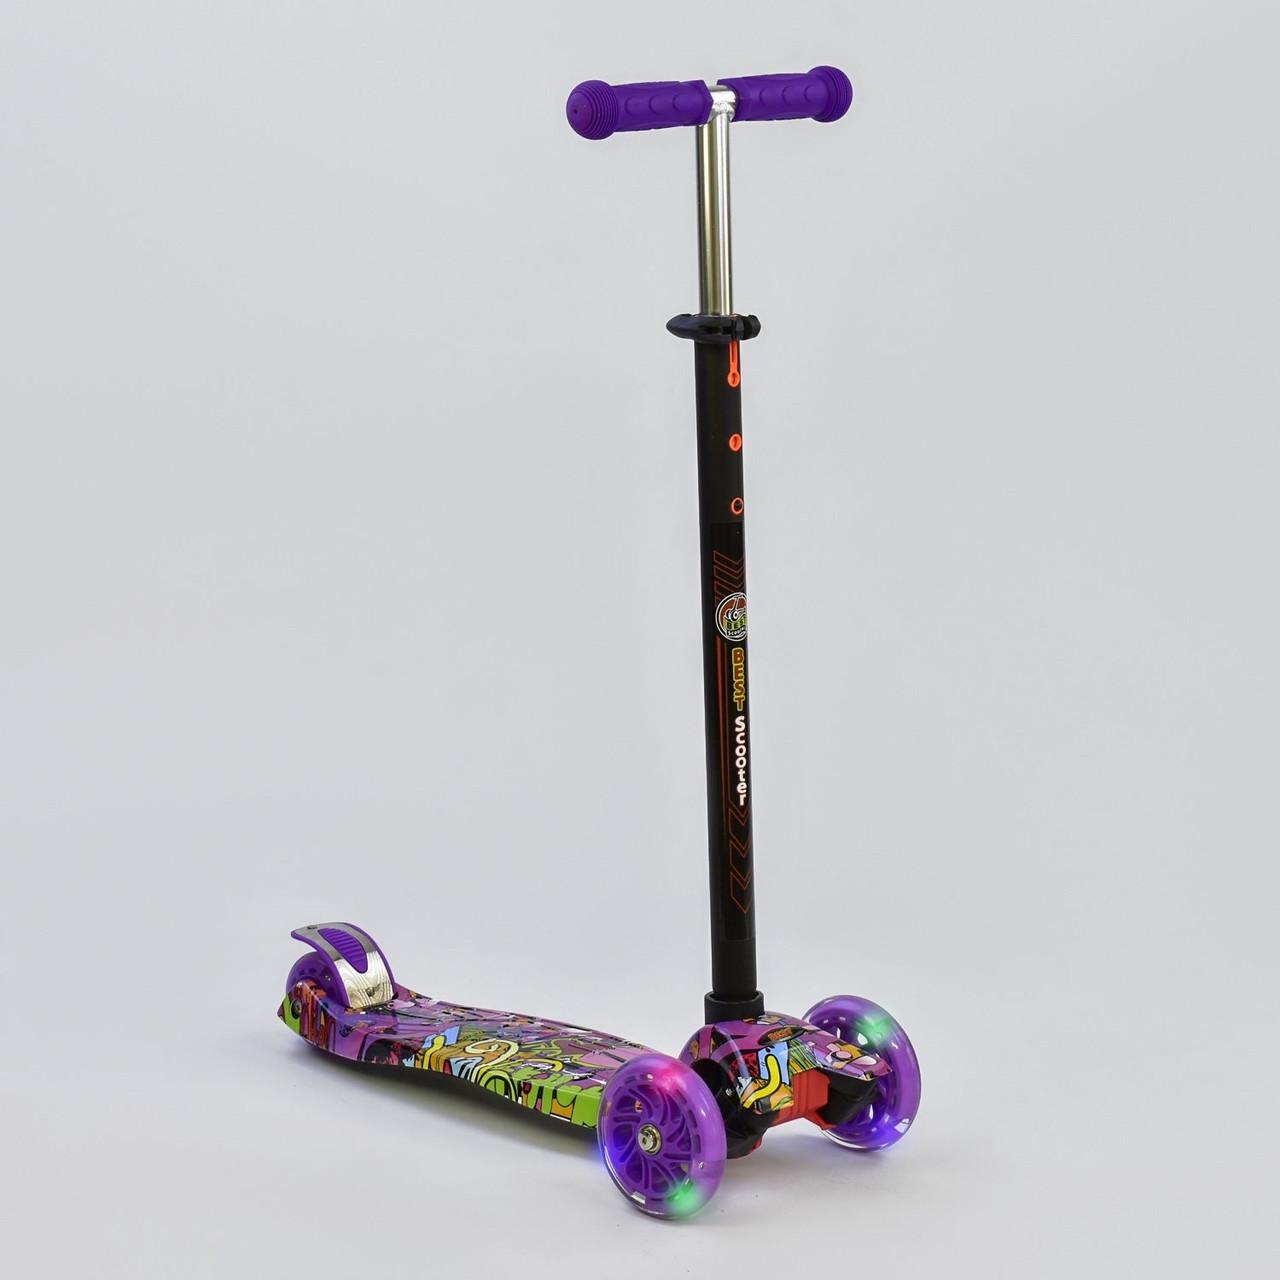 Самокат детский трехколесный Best Scooter, 4 свет. колеса PU, 1390